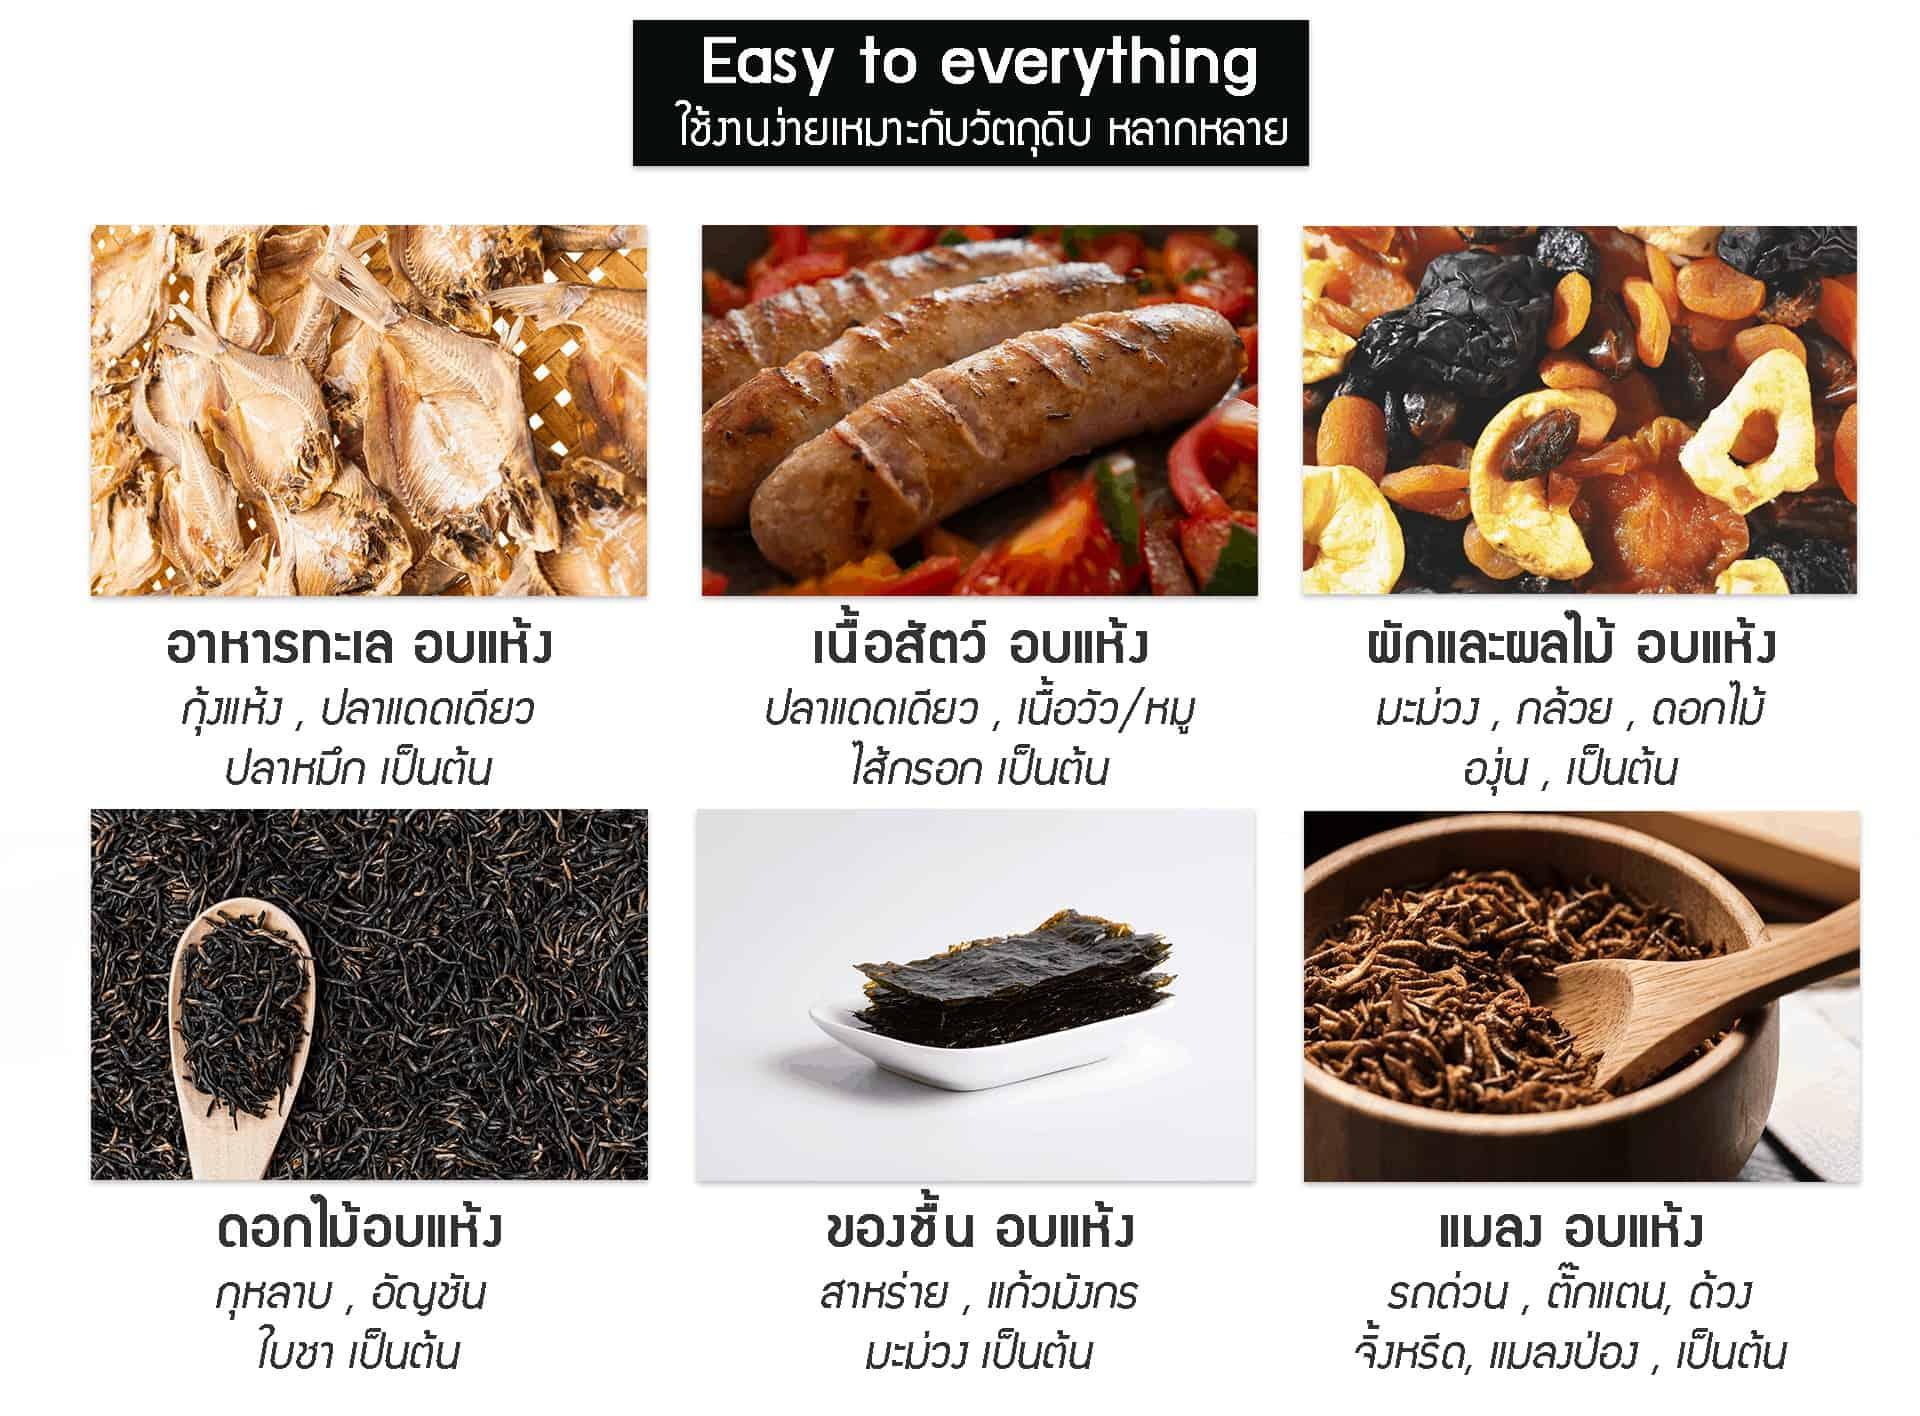 เครื่องอบแห้ง เครื่องอบผลไม้แห้ง -GE-black-ตัวอย่างอาหาร